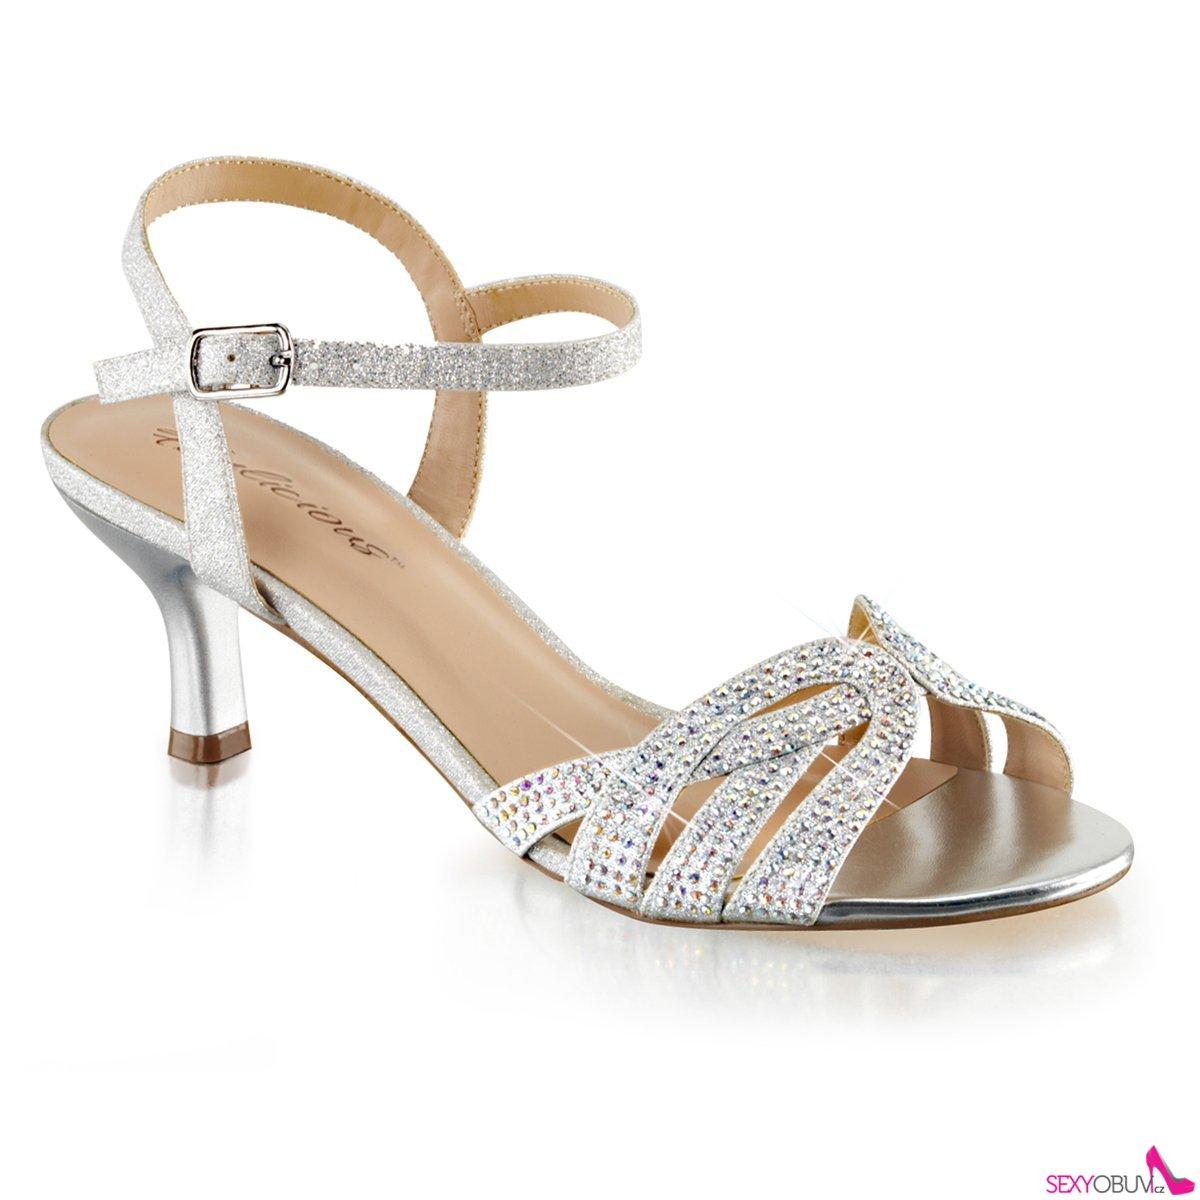 3b105dccb9 AUDREY-03 Stříbrné společenské sandály na nízkém podpatku